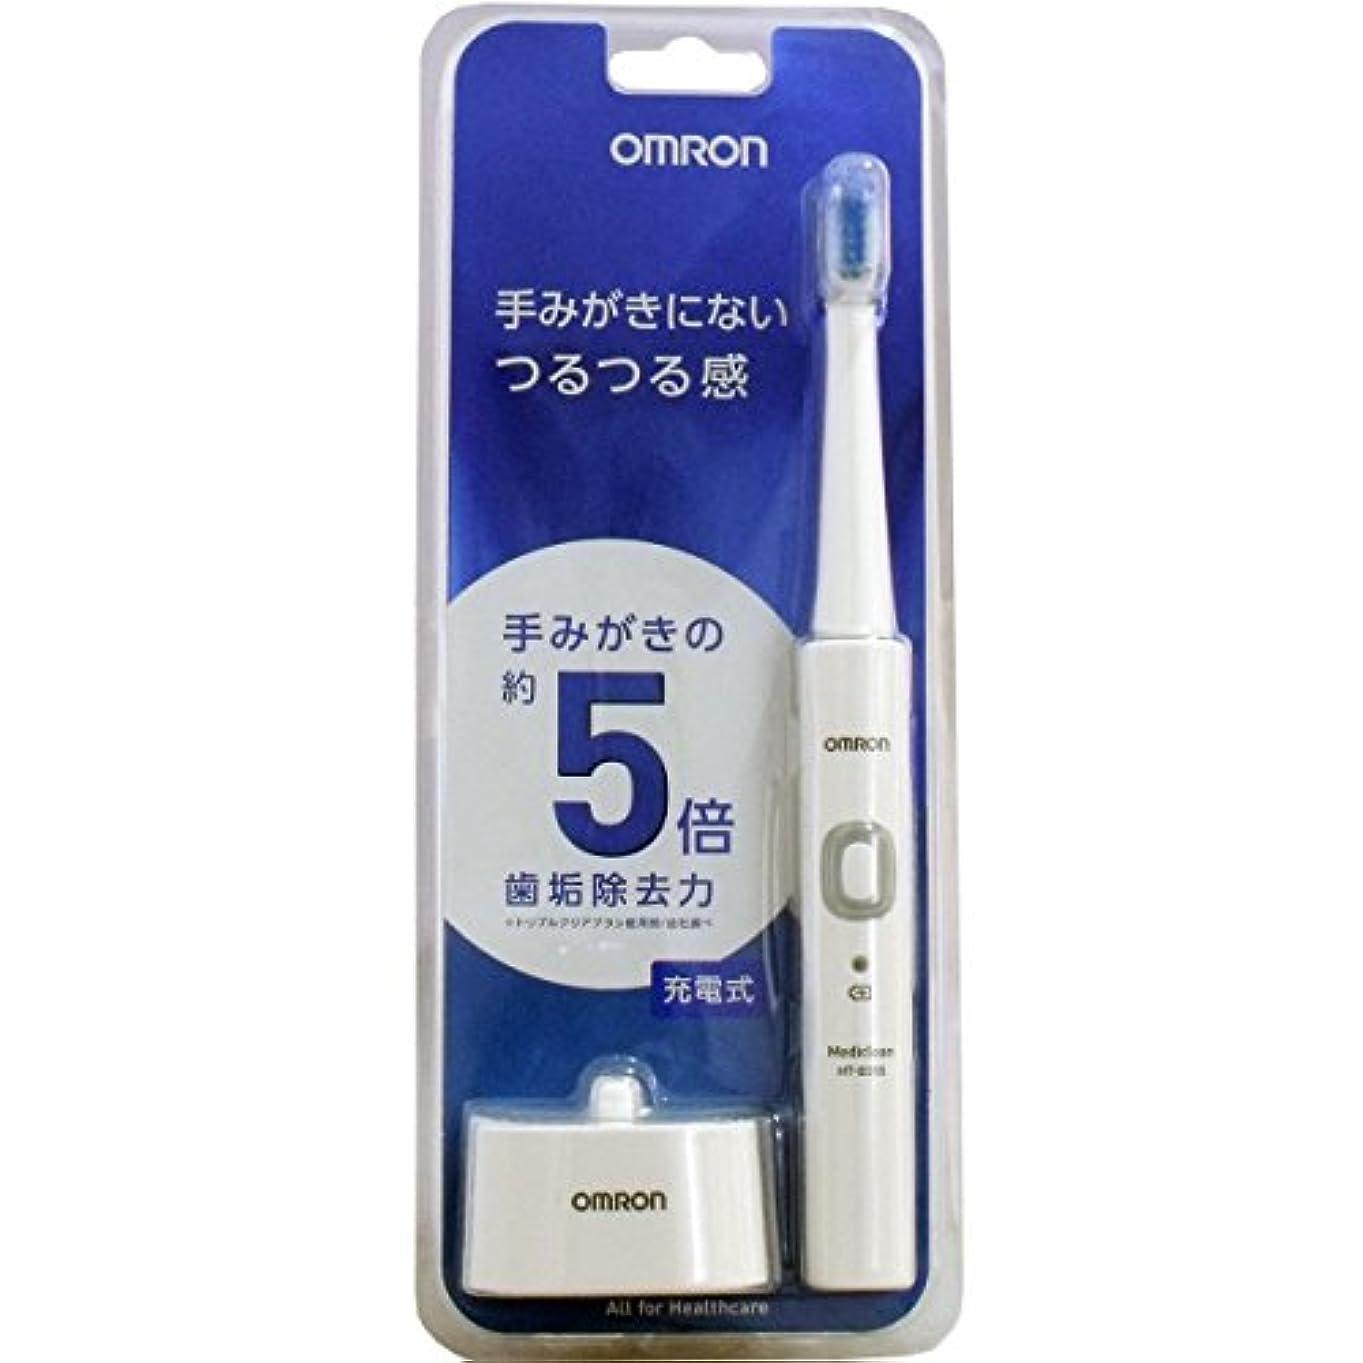 アクセル特殊マンハッタンオムロン電動歯ブラシHT-B305-W